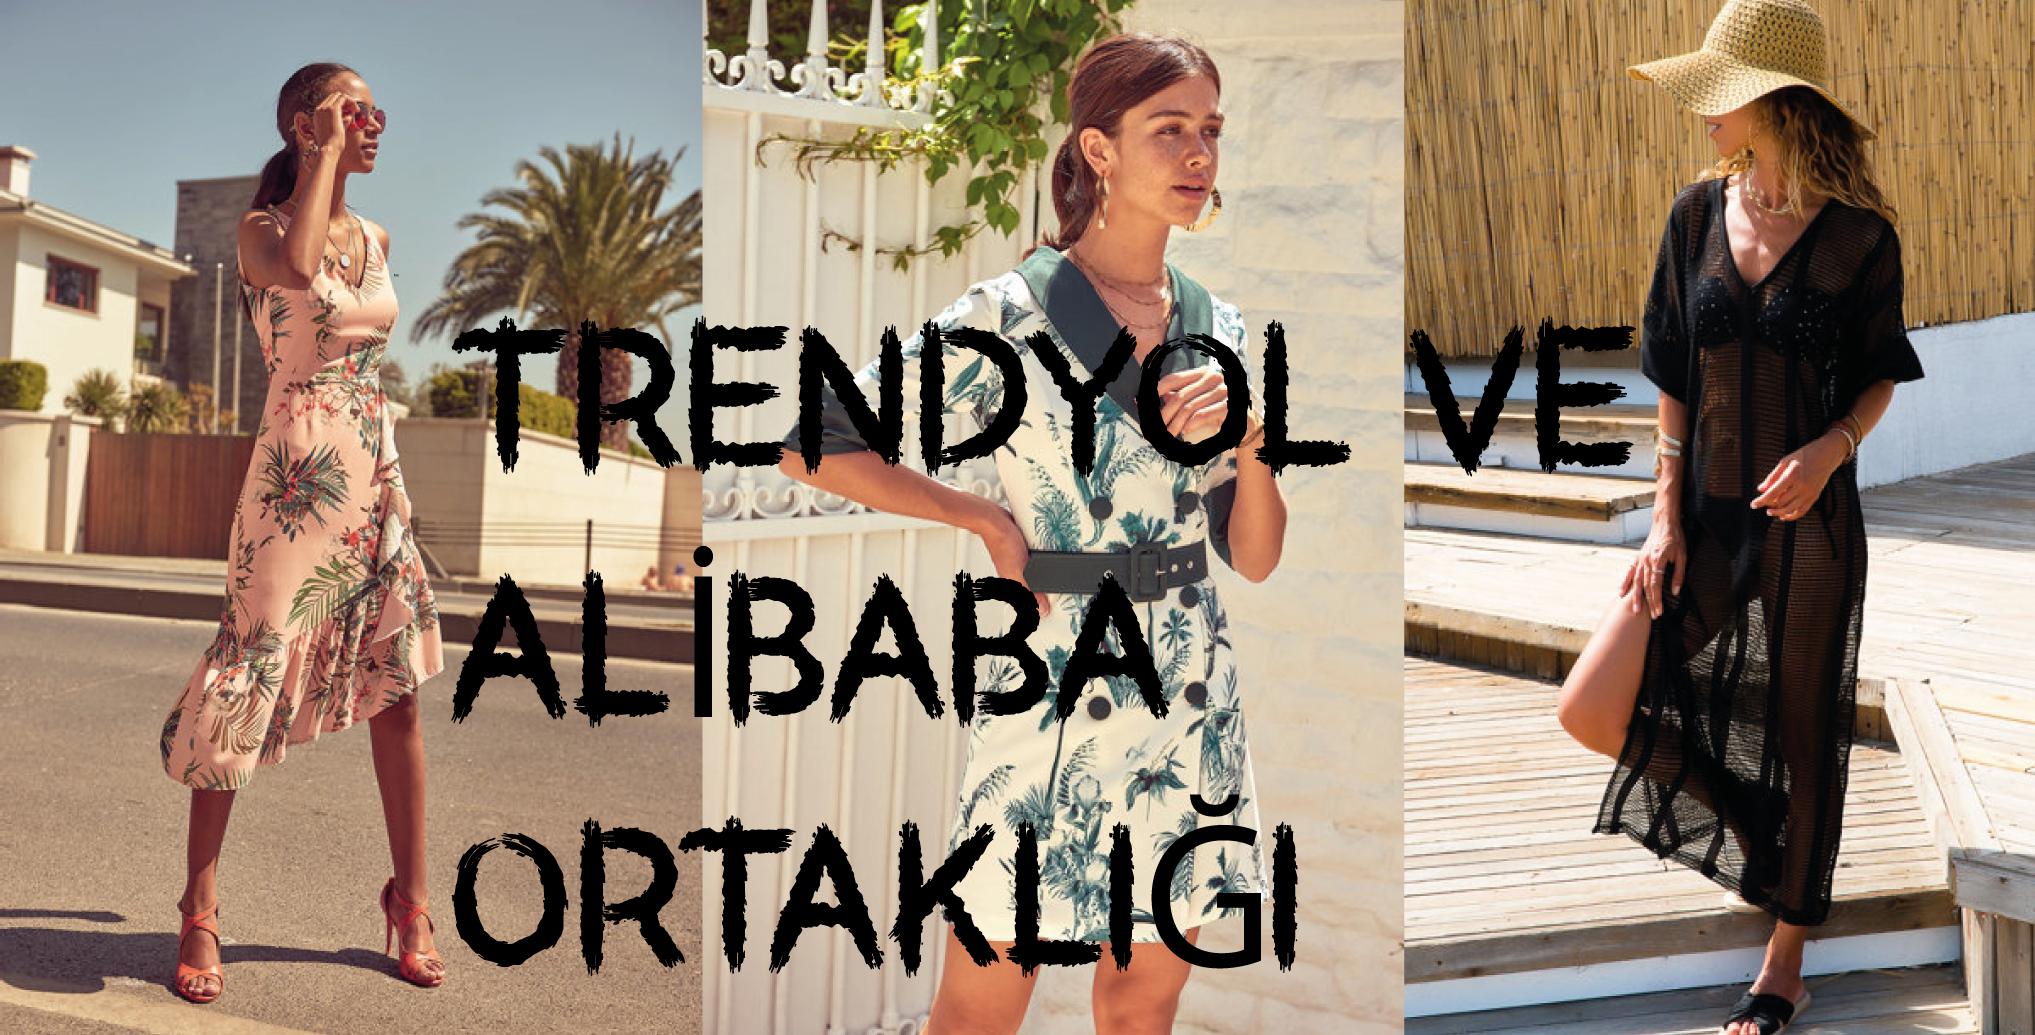 d75bae837ac80 Trendyol ve Alibaba Ortaklığı - Fashion Stalker Moda Avcısı